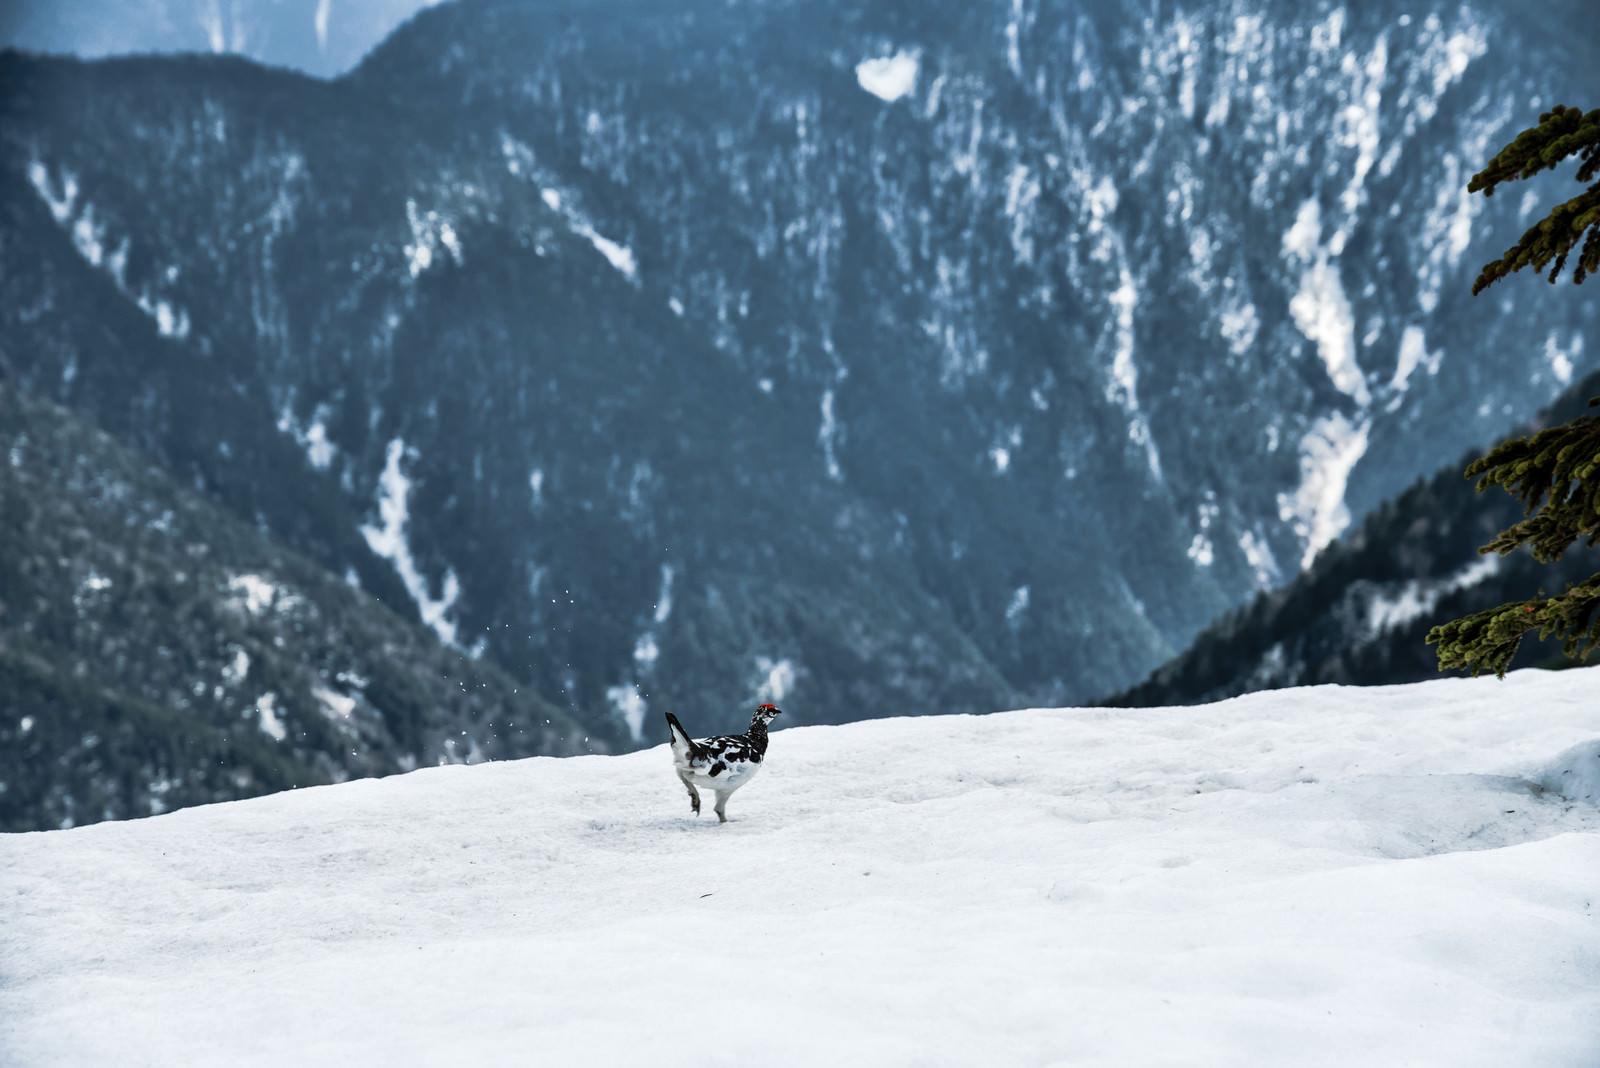 「雪渓を走り抜ける雷鳥」の写真